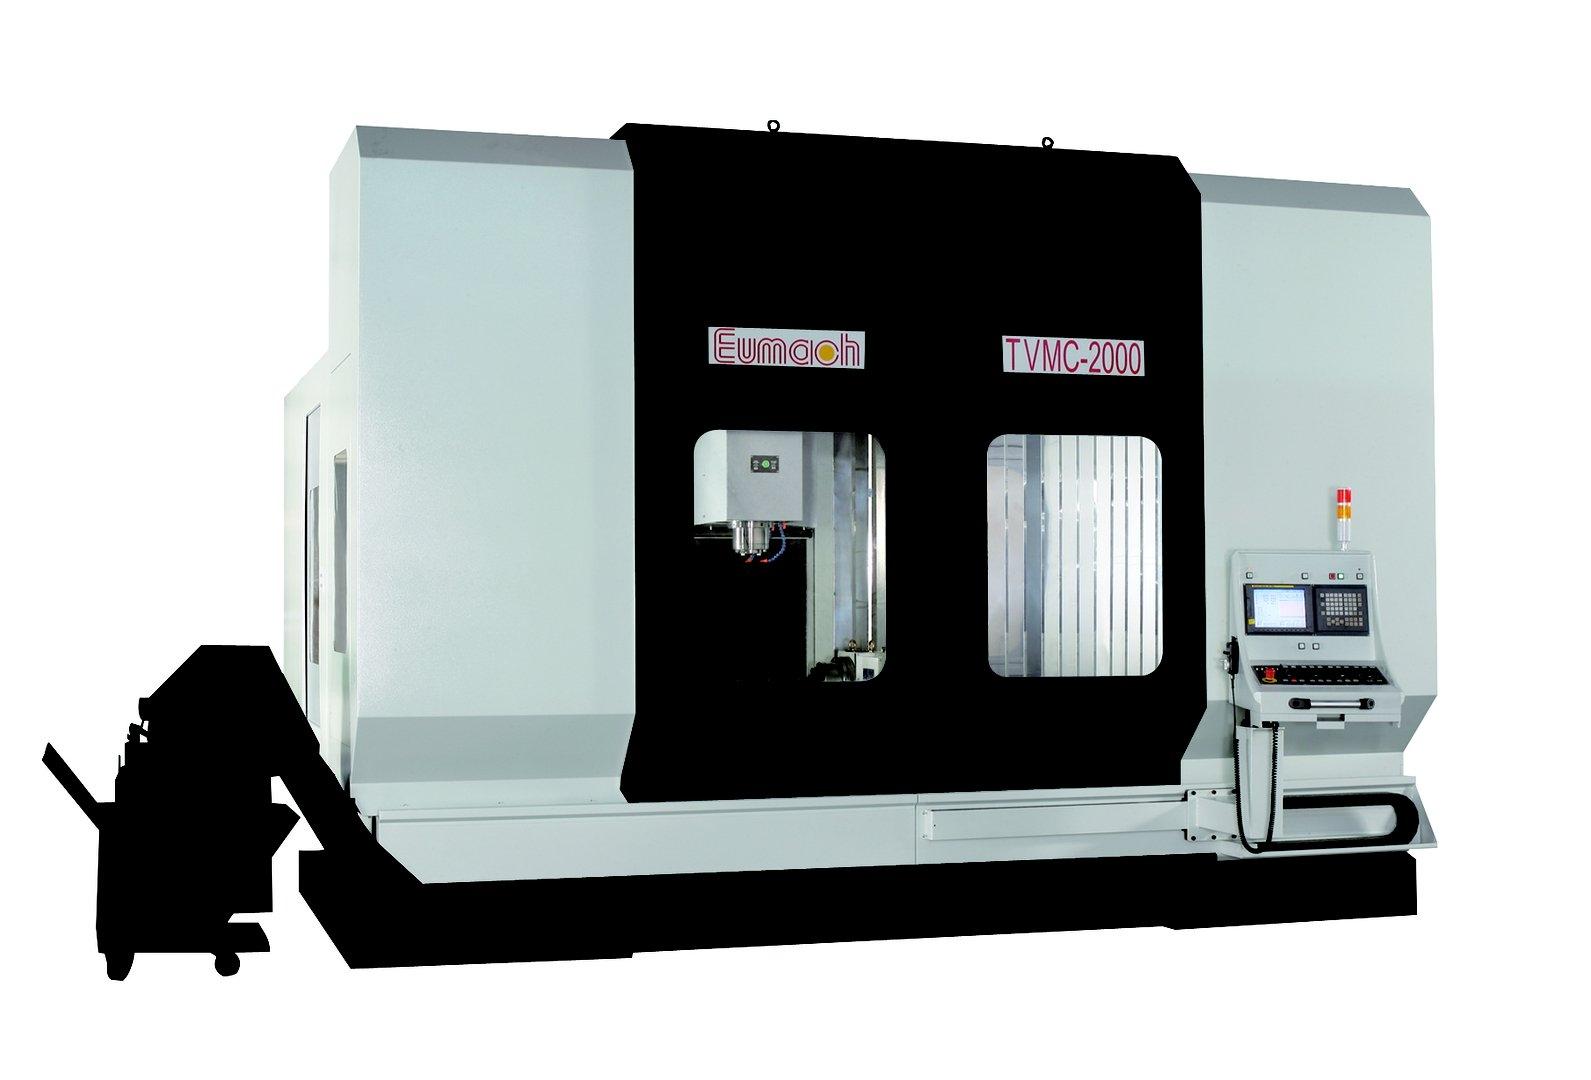 Вертикальный фрезерный обрабатывающий центр TVMC-2000, фото